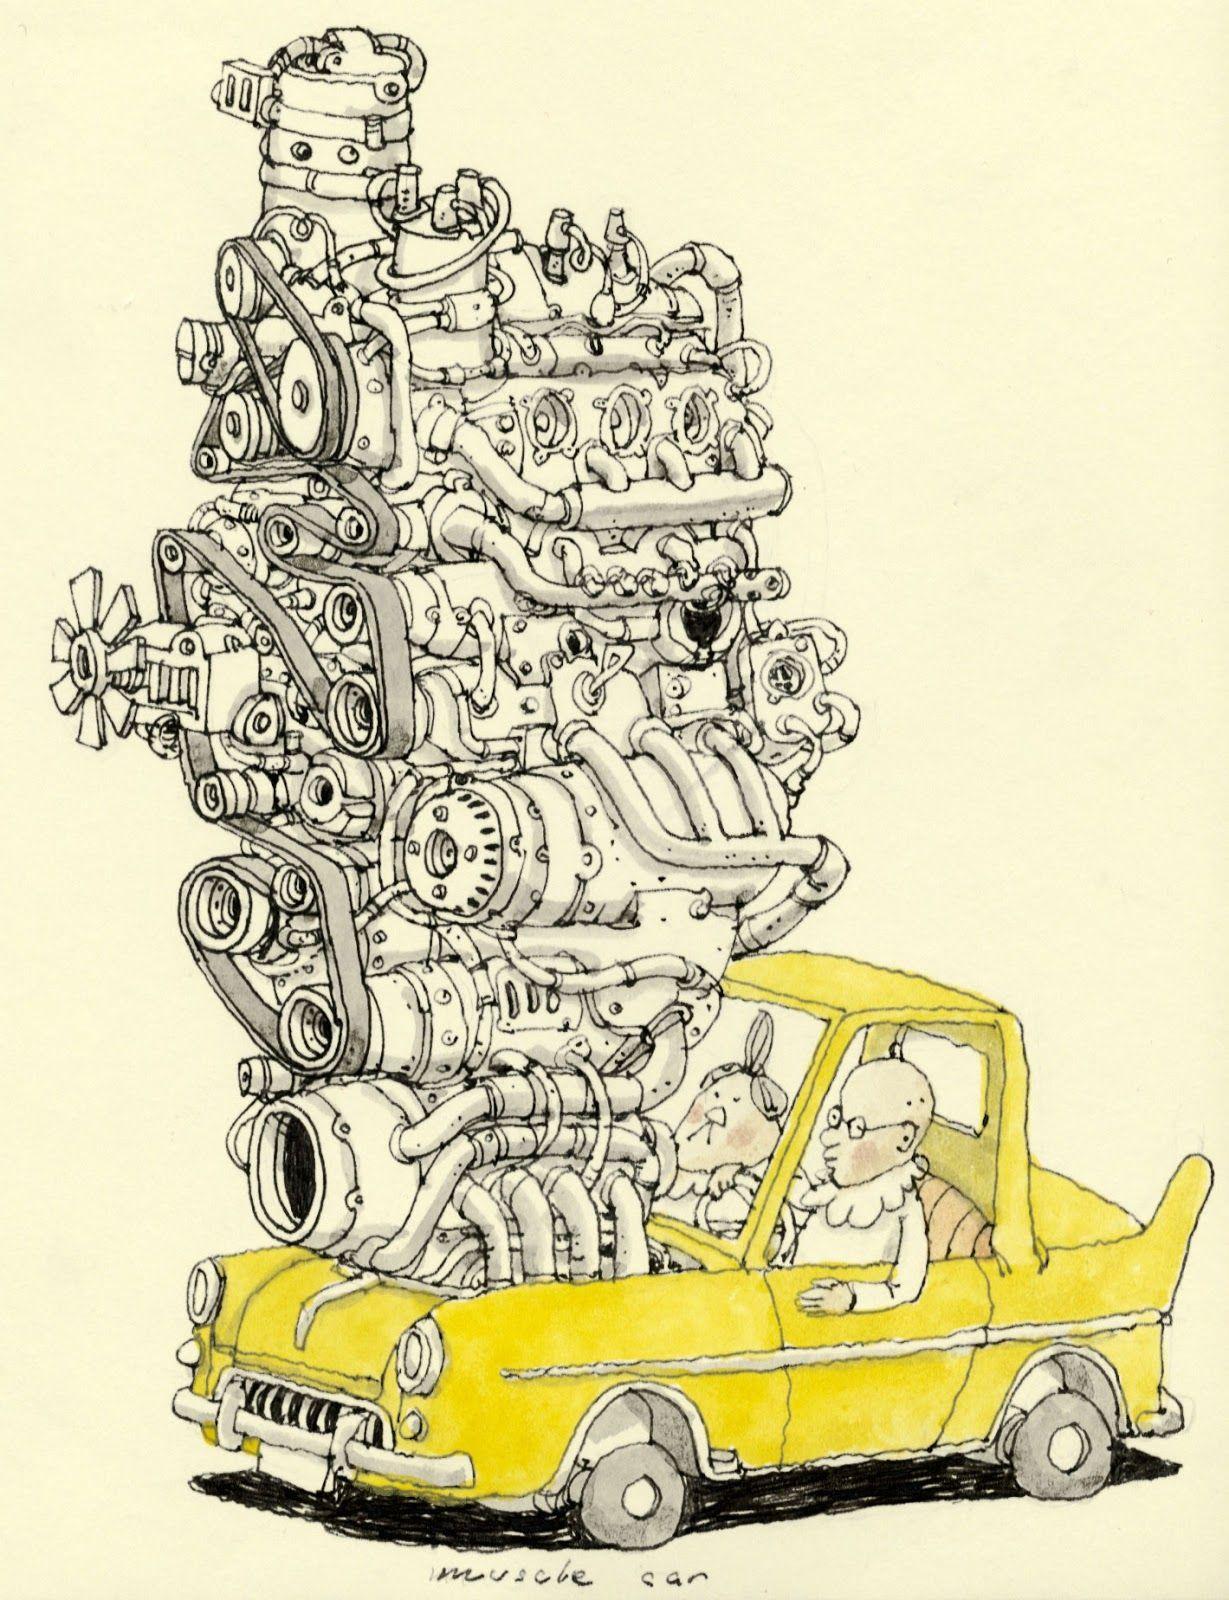 1229x1600 I Want This Muscle Car! Created By Mattias Adolfson, Mattias Inks